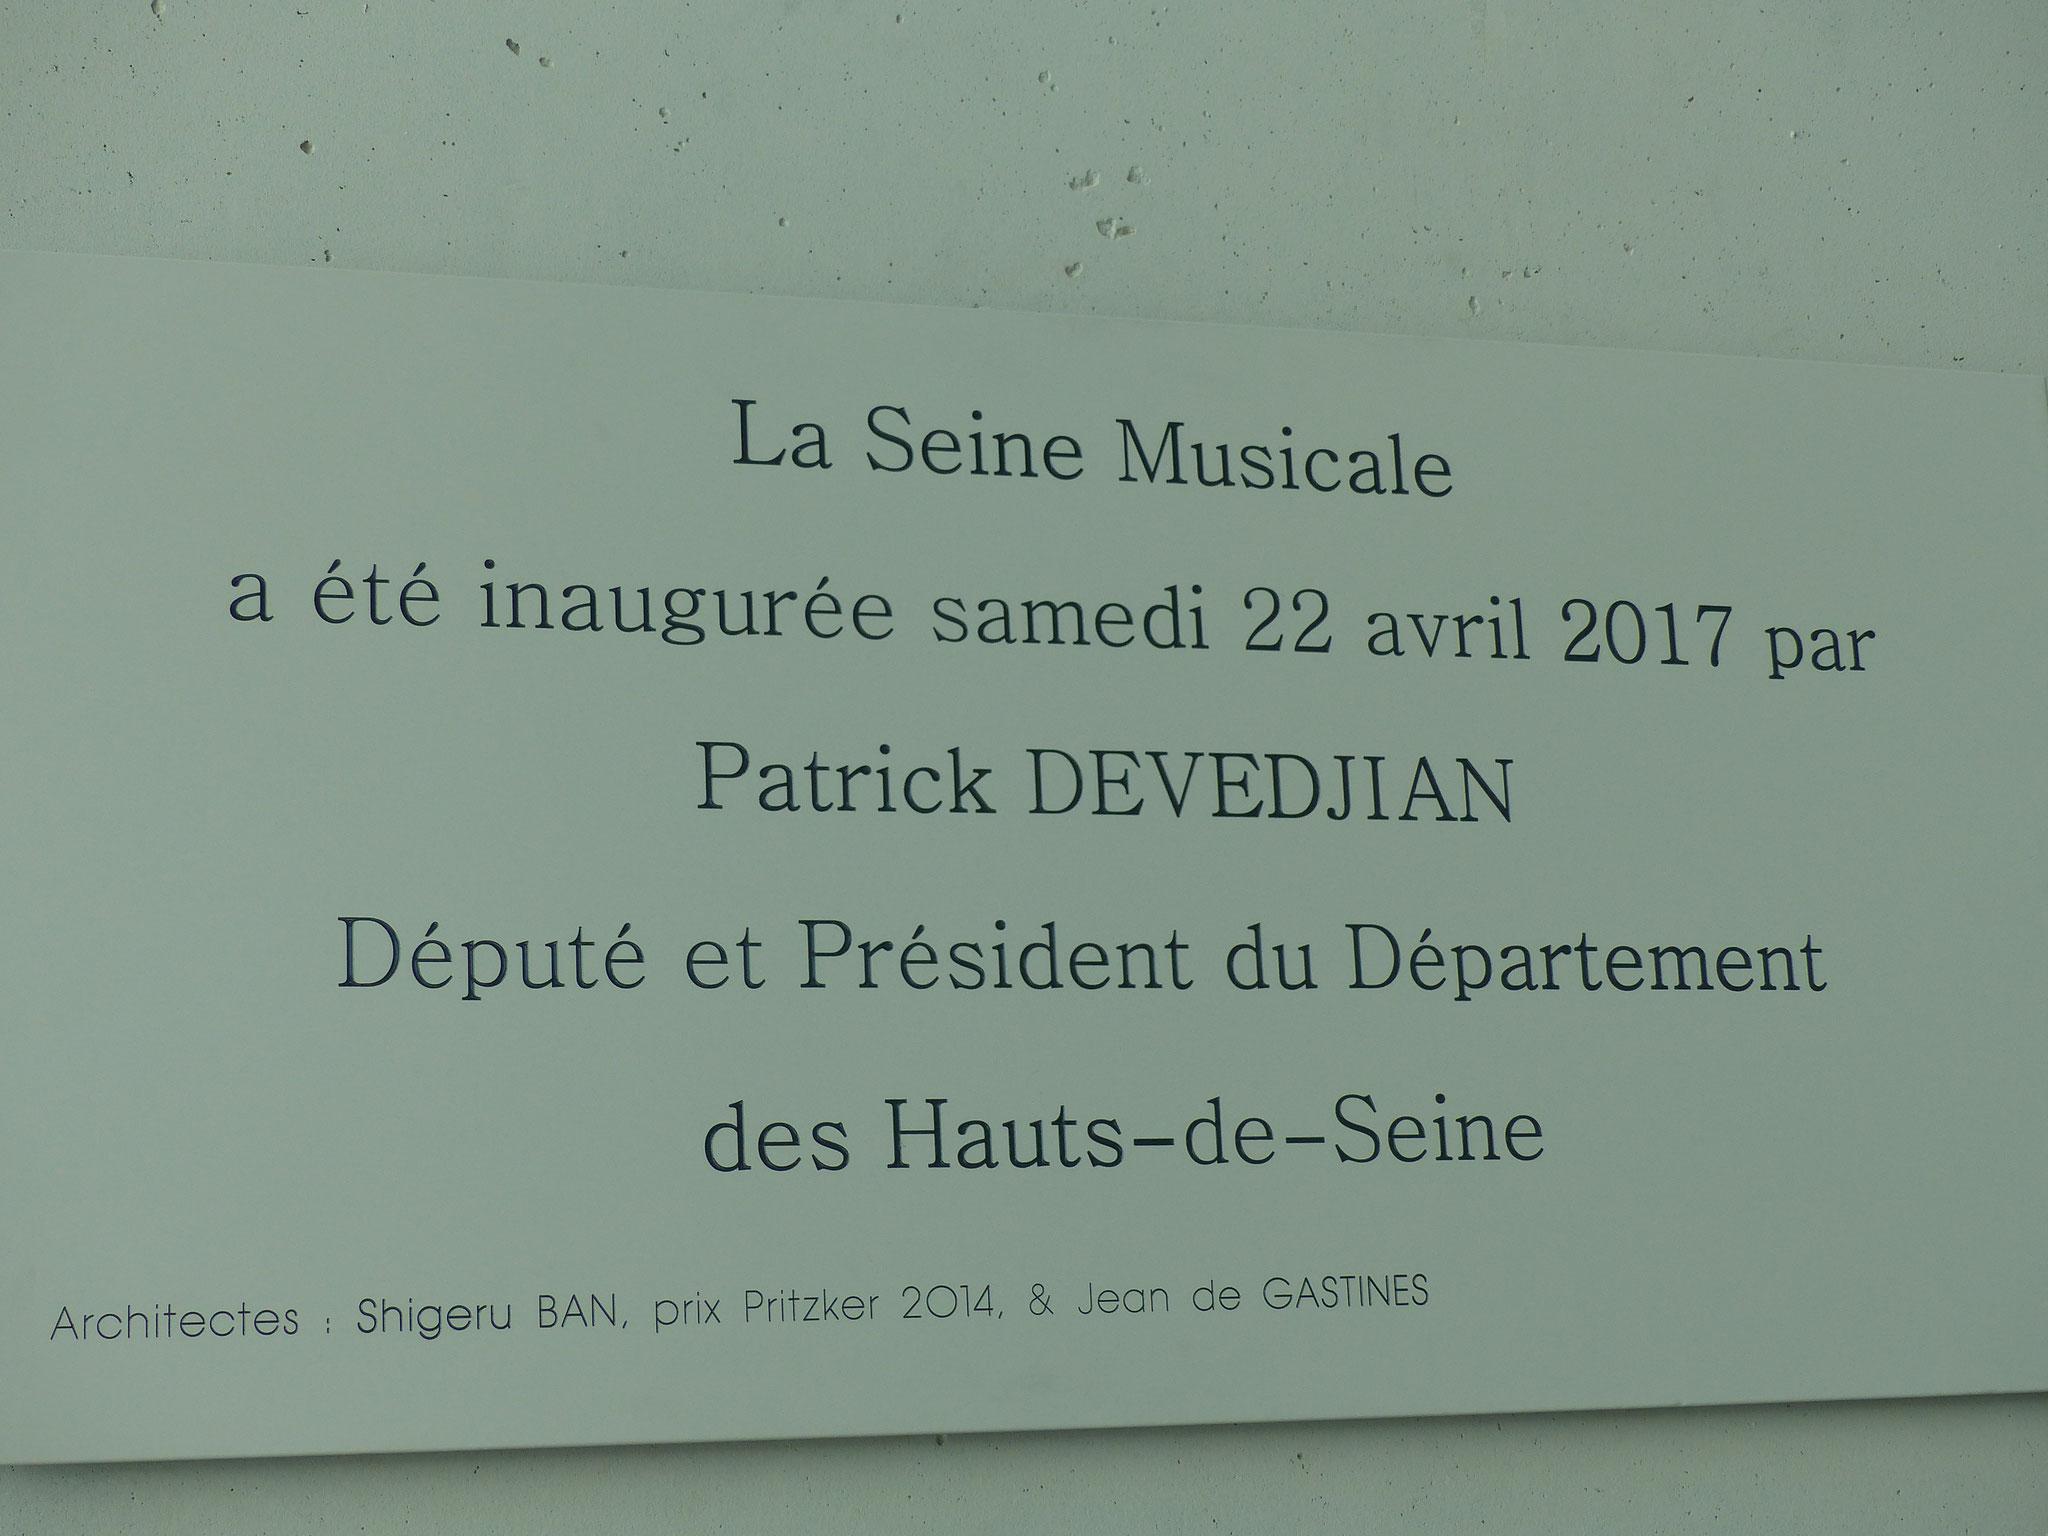 Inauguration de la Seine Musicale